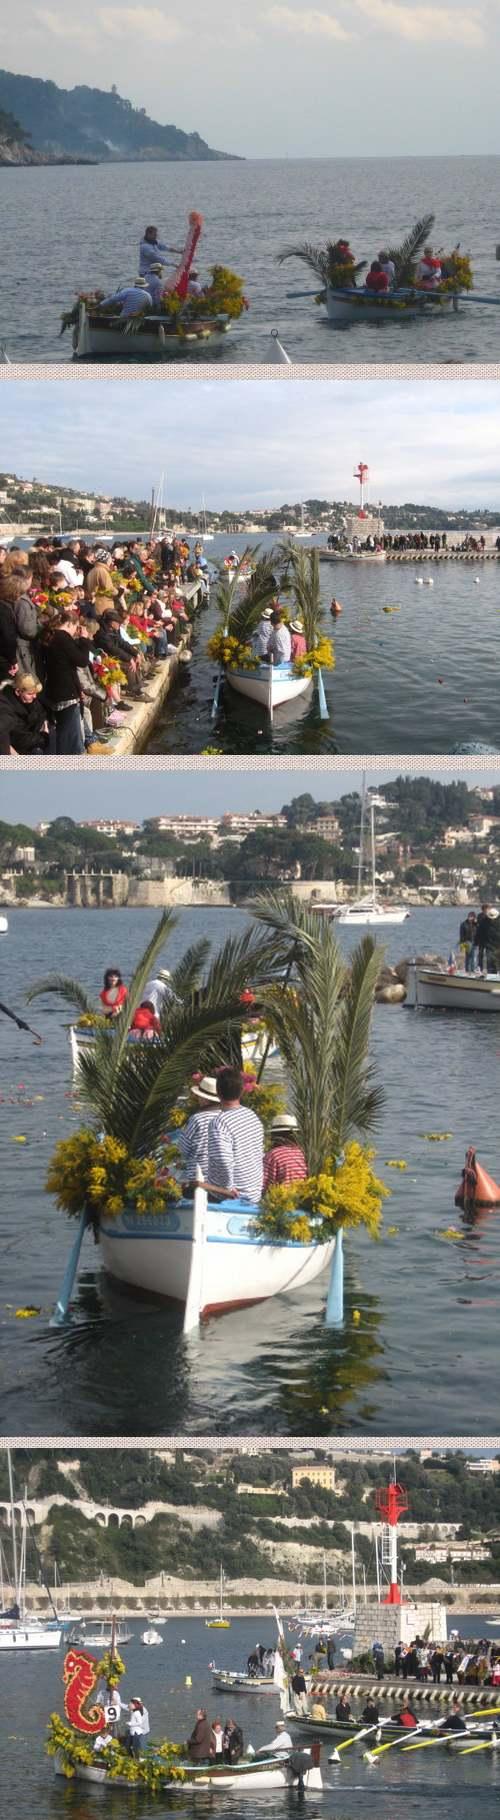 CÔTE D'AZUR  : Villes et villages  - au royaume de Neptune -